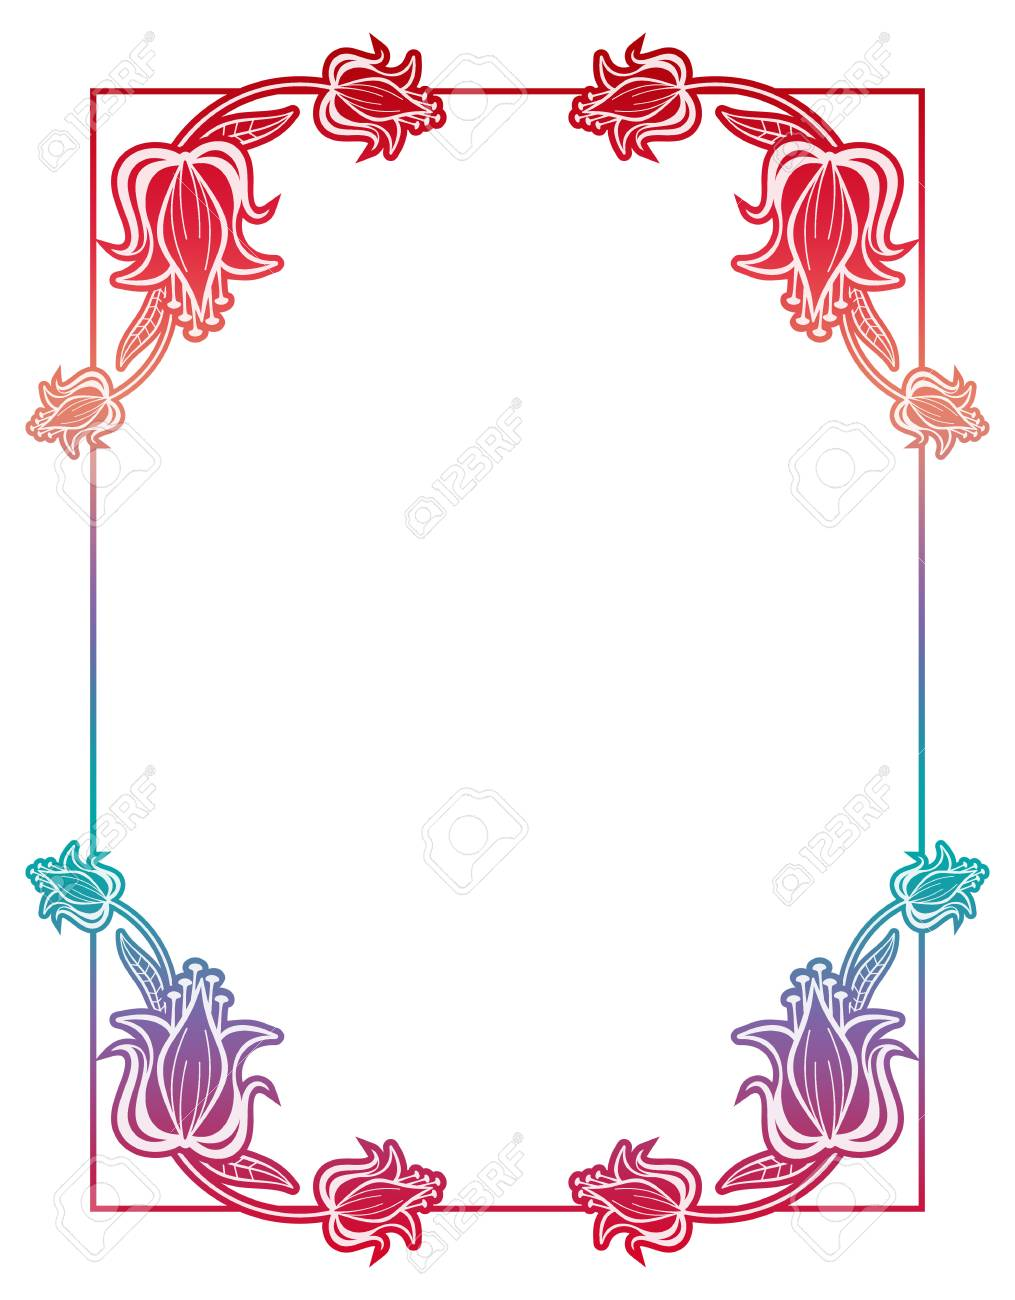 Bella Cornice Sfumata Cornice Colorata Per Pubblicità Matrimonio E Altri Inviti O Biglietti Di Auguri Raster